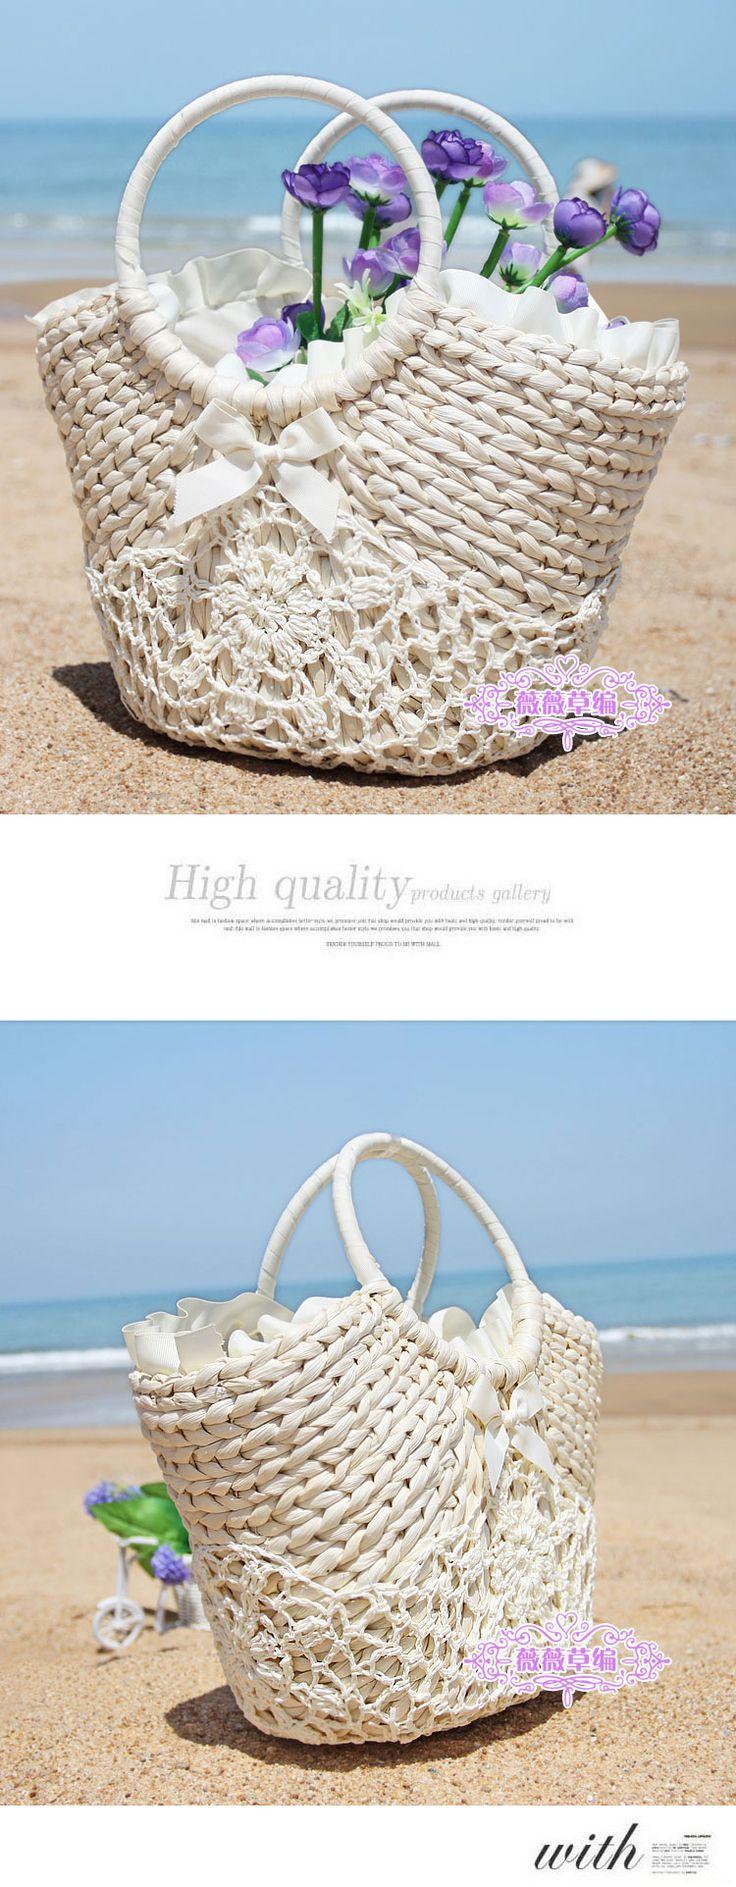 Лето новое поступление мода женская приморский вязаные сумки соломы пляж из ротанга большой емкости тканые сумки отпуск тотализатор купить на AliExpress